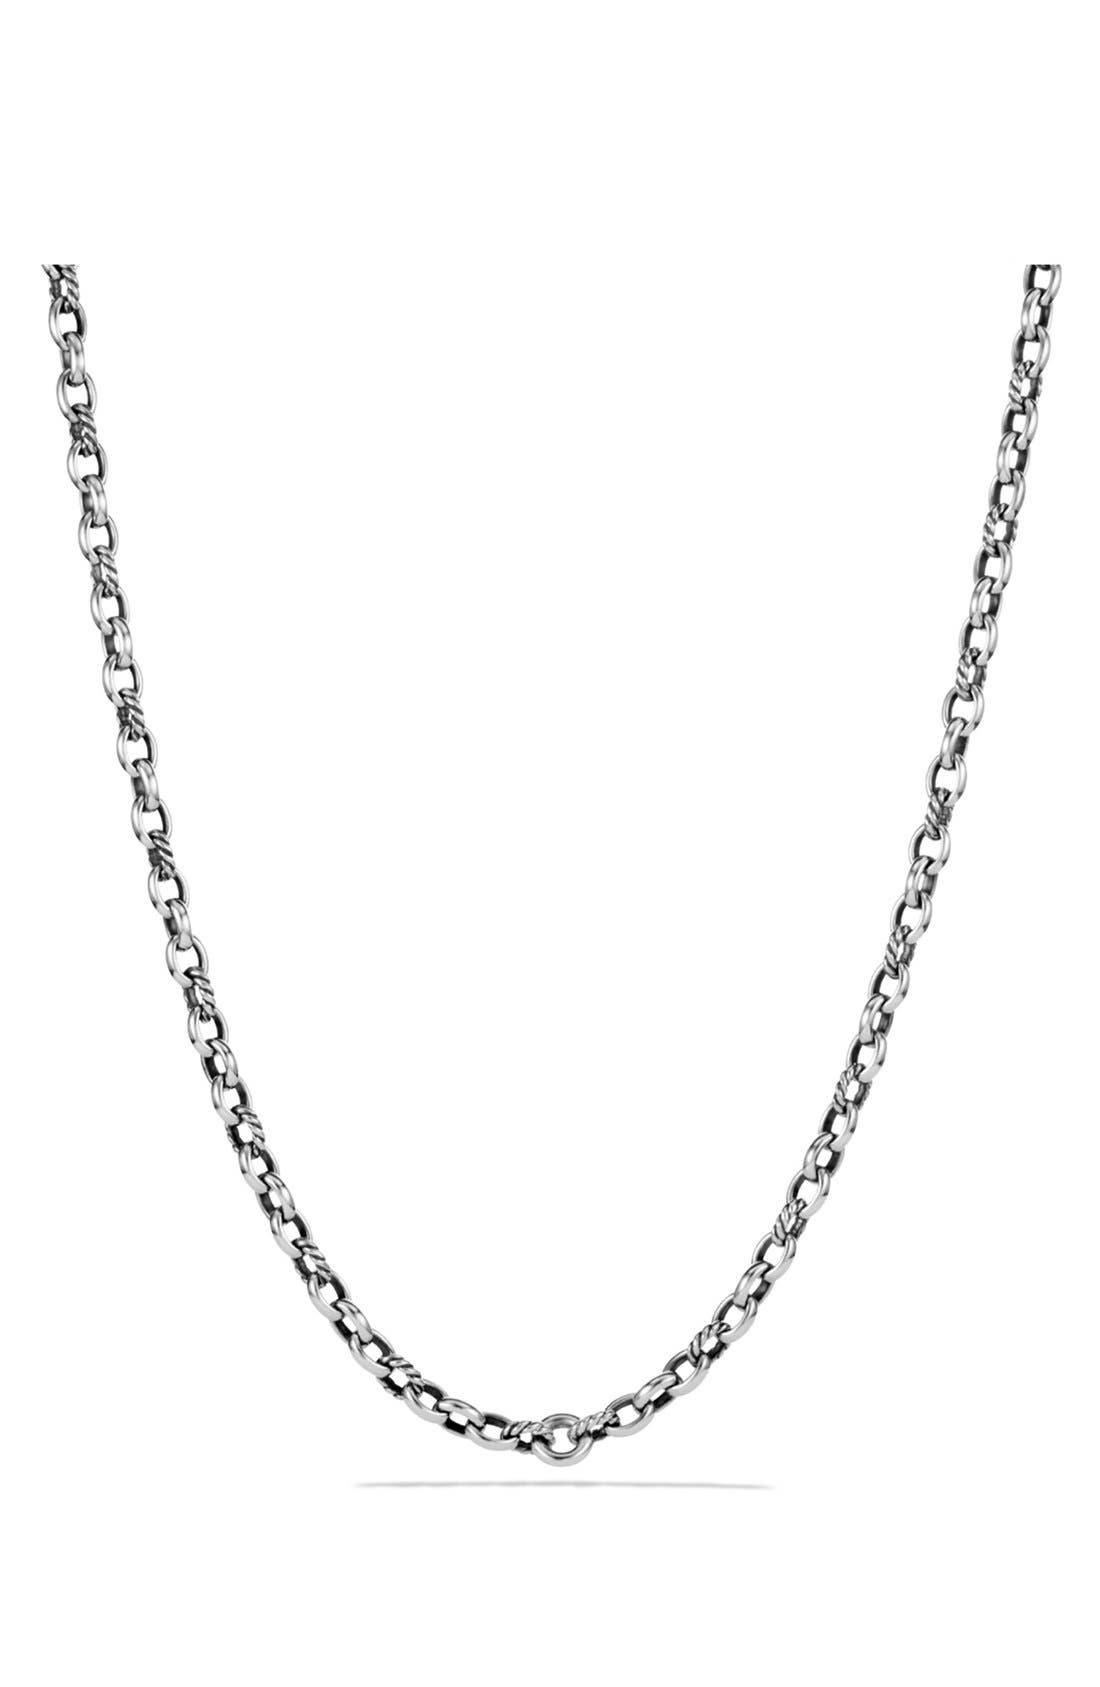 Main Image - David Yurman 'Chain' Cushion Chain Necklace